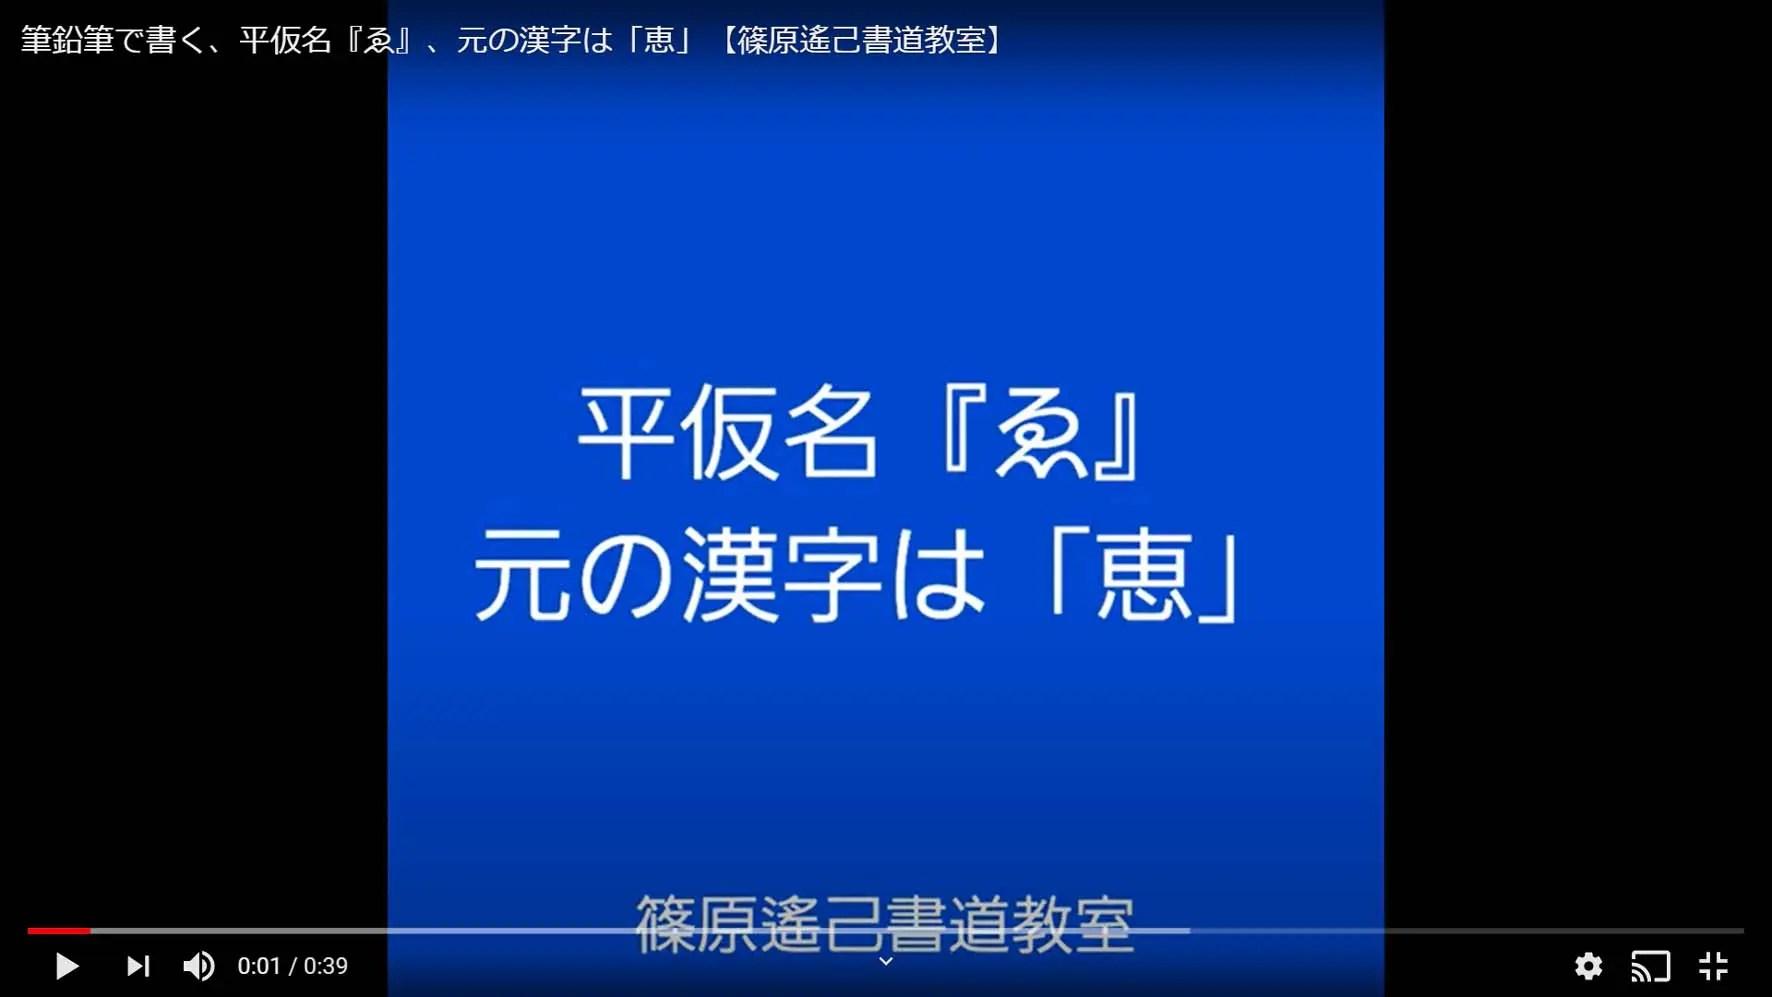 筆鉛筆で書く、平仮名『ゑ』【手書き動画】鎌倉市長谷の書道教室